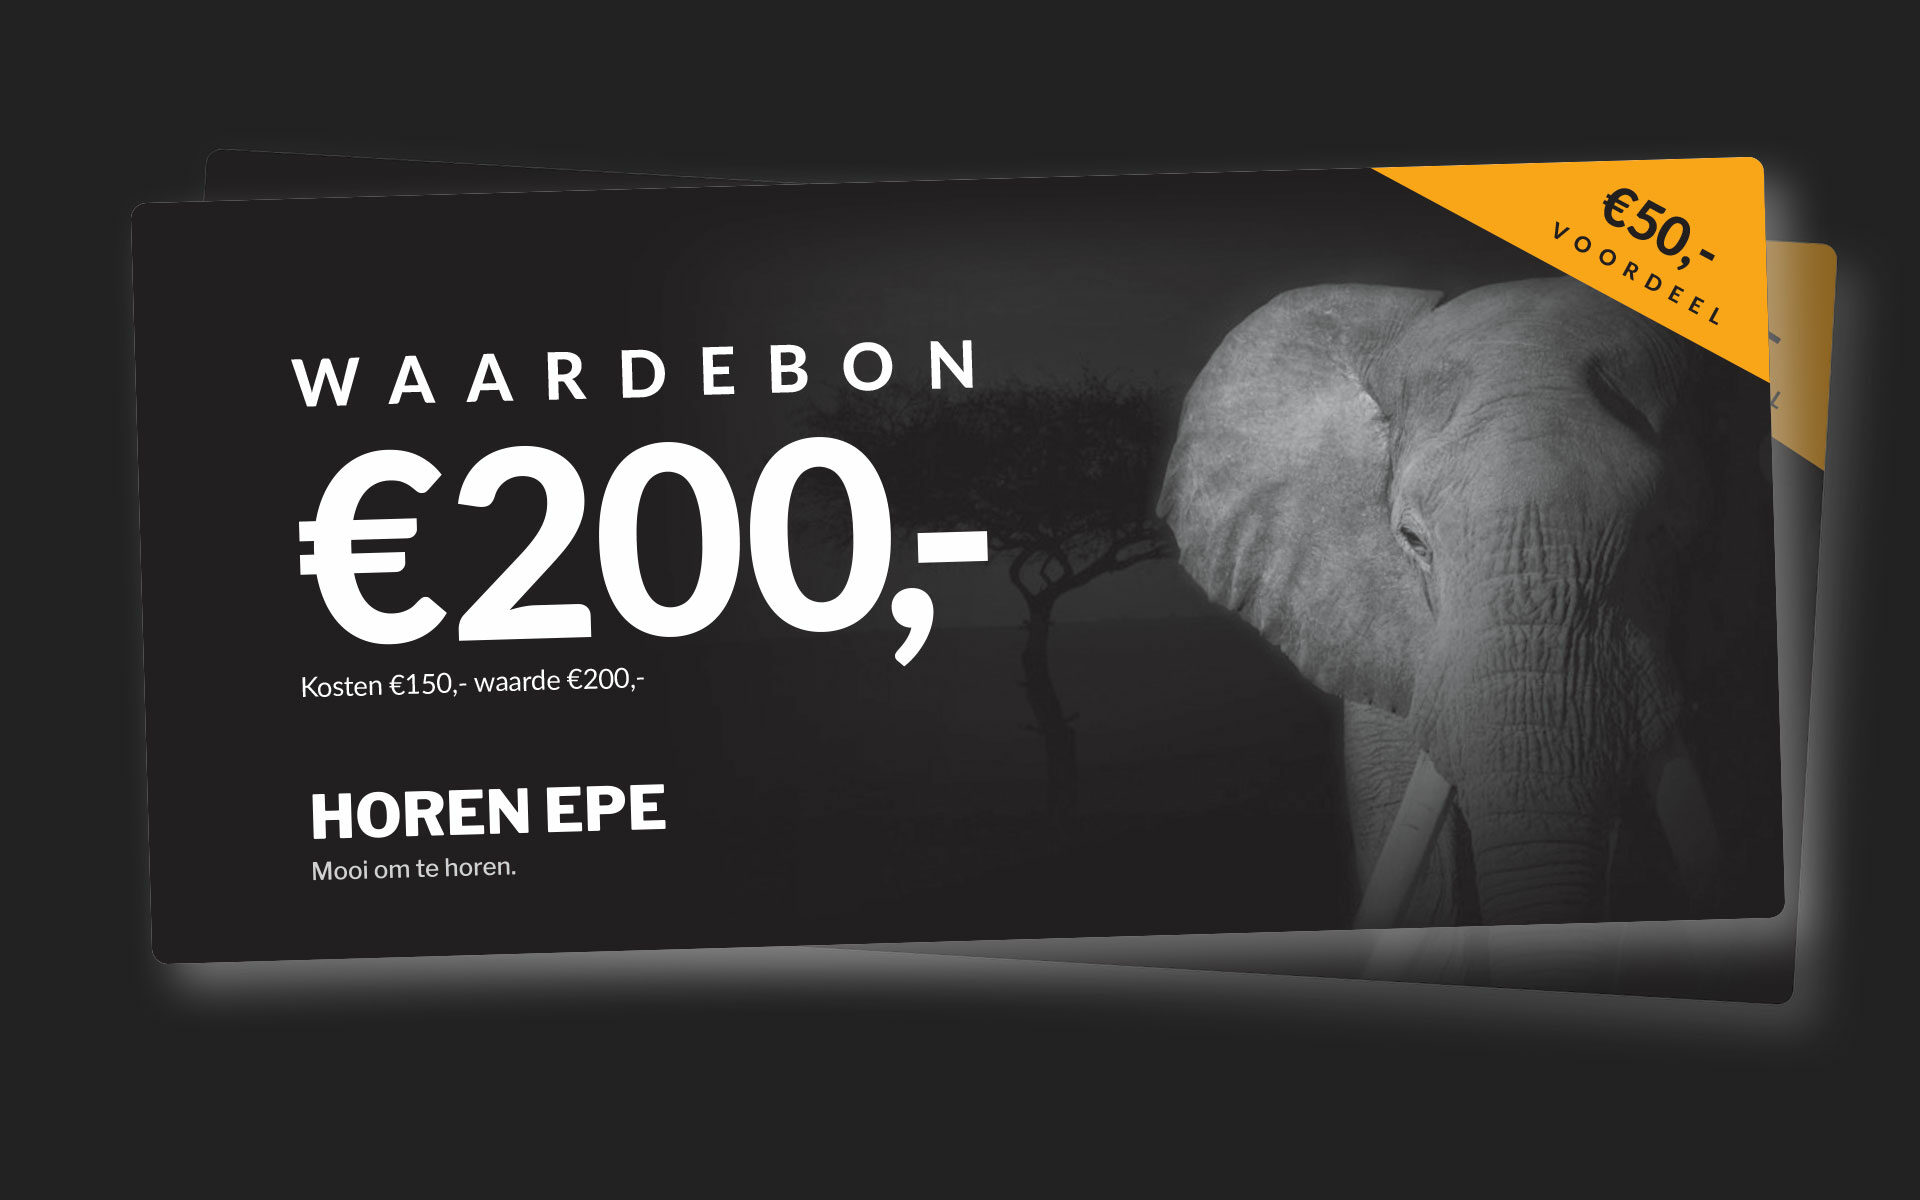 Waardebon-Horen-Epe t.w.v 200 euro